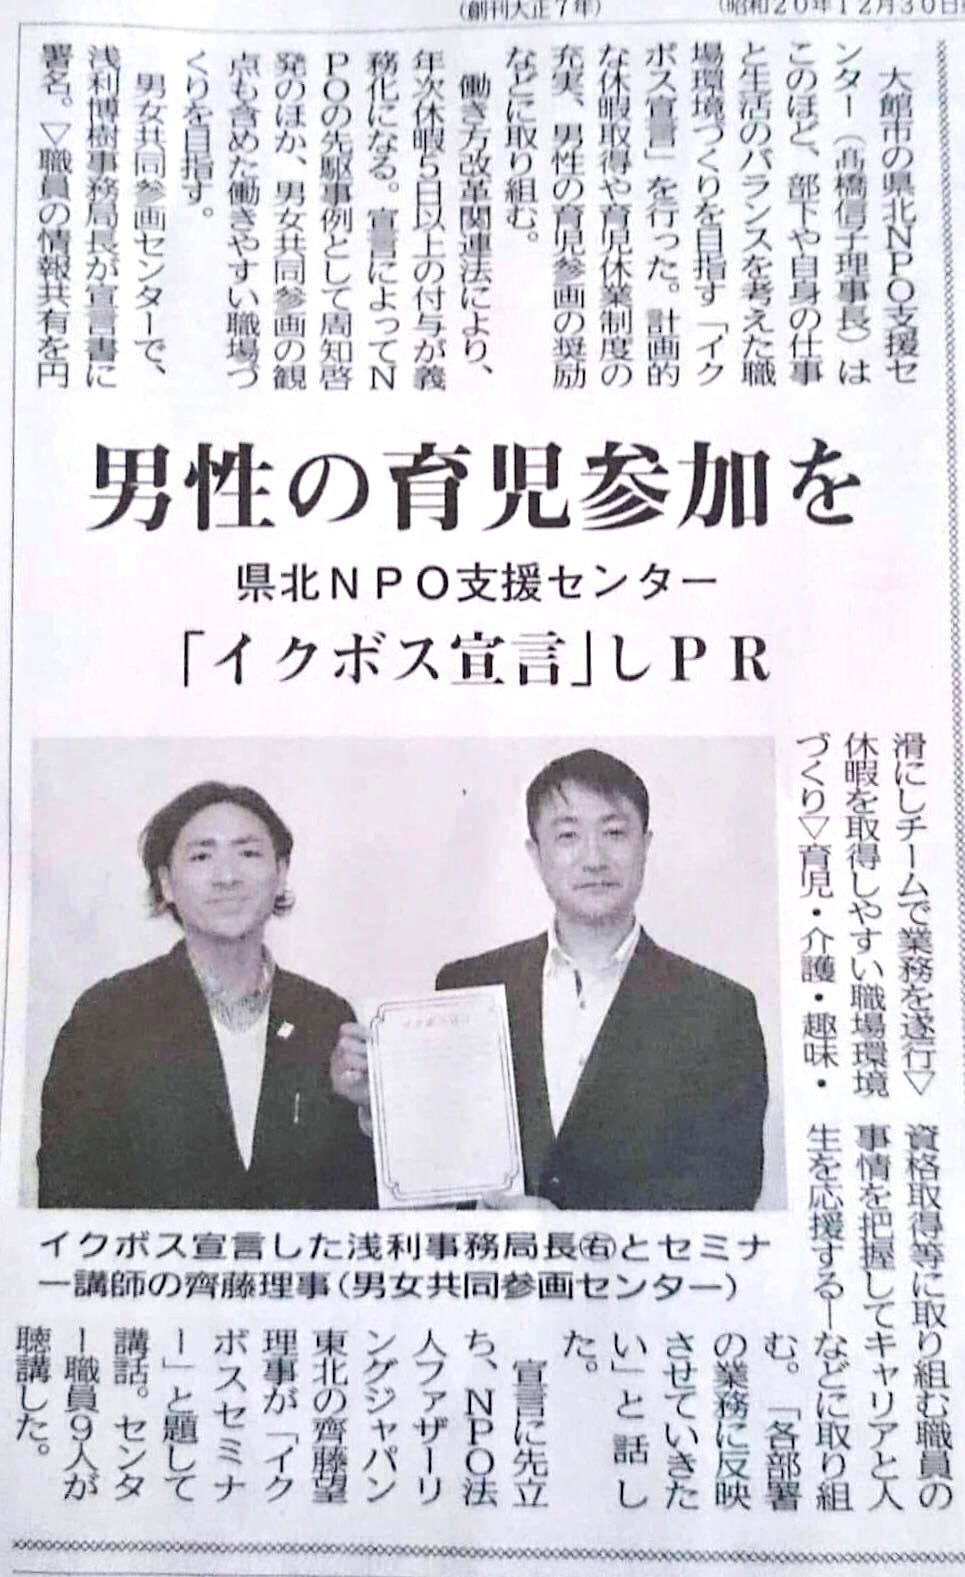 【イクボス宣言】秋田県北NPO支援センターがイクボス宣言